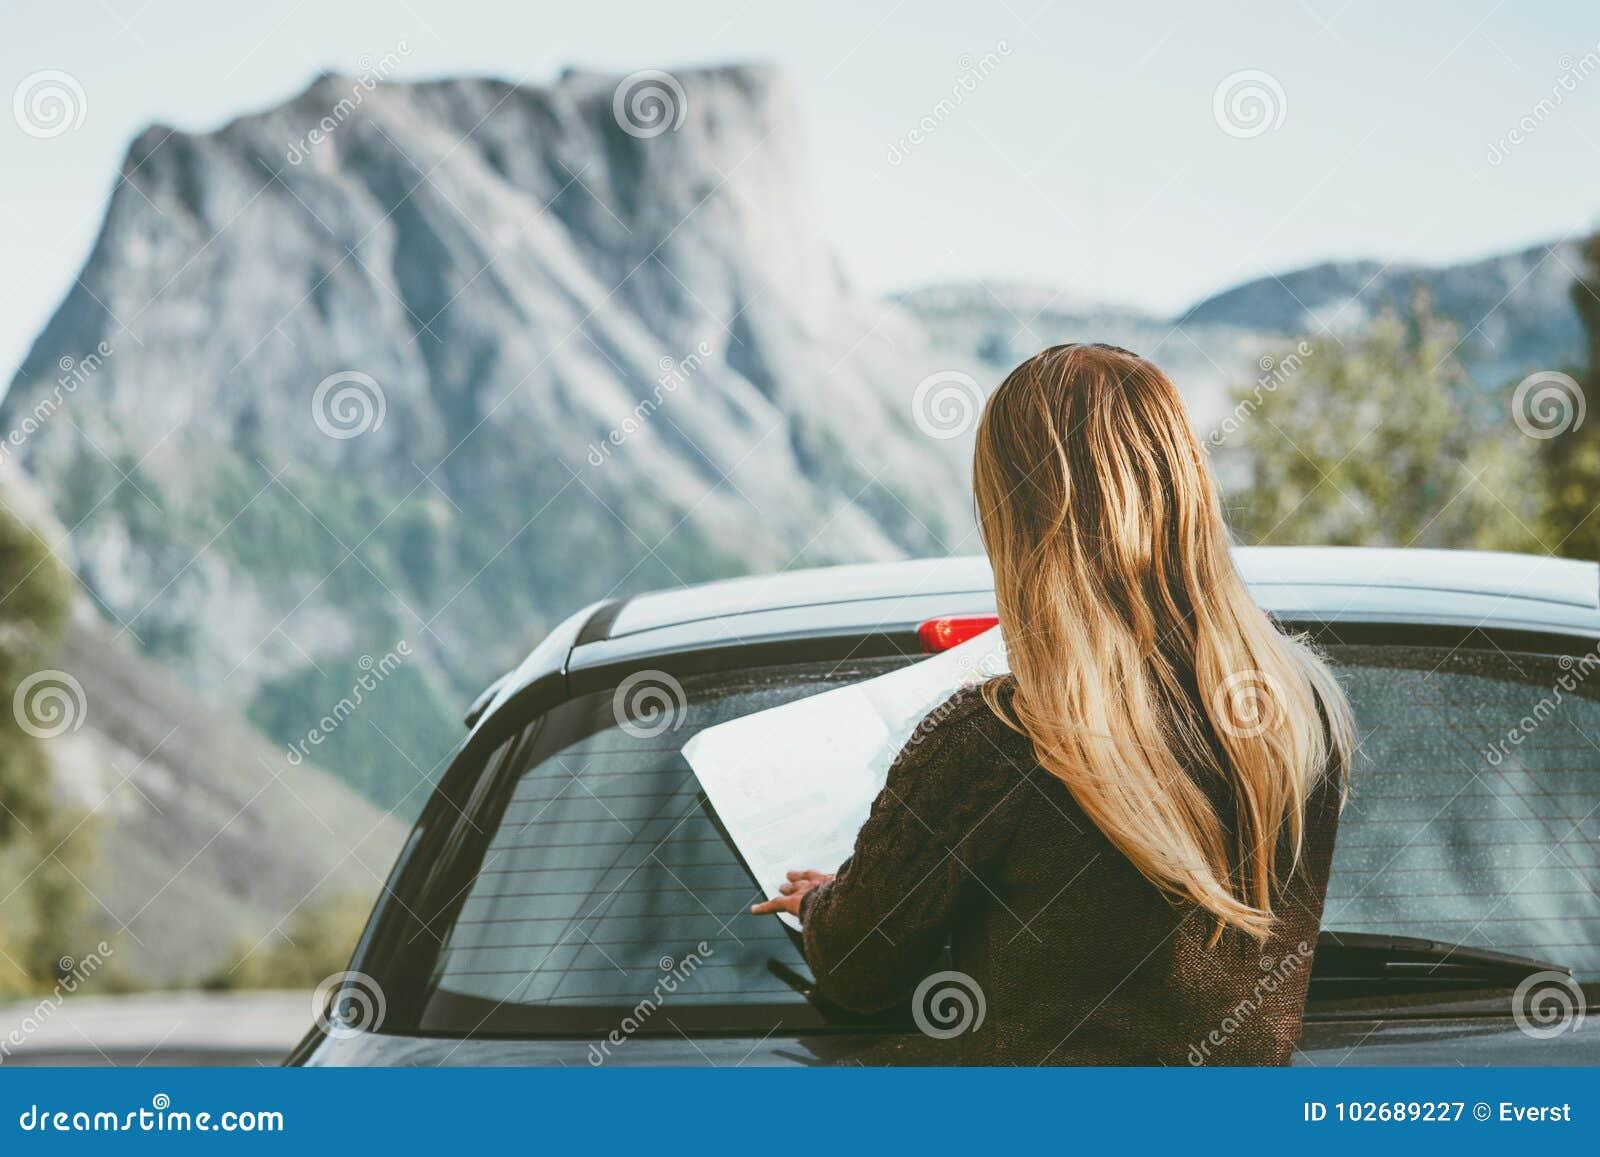 旅行妇女与地图计划旅途路线的汽车司机在挪威旅行生活方式概念冒险假期室外岩石mo